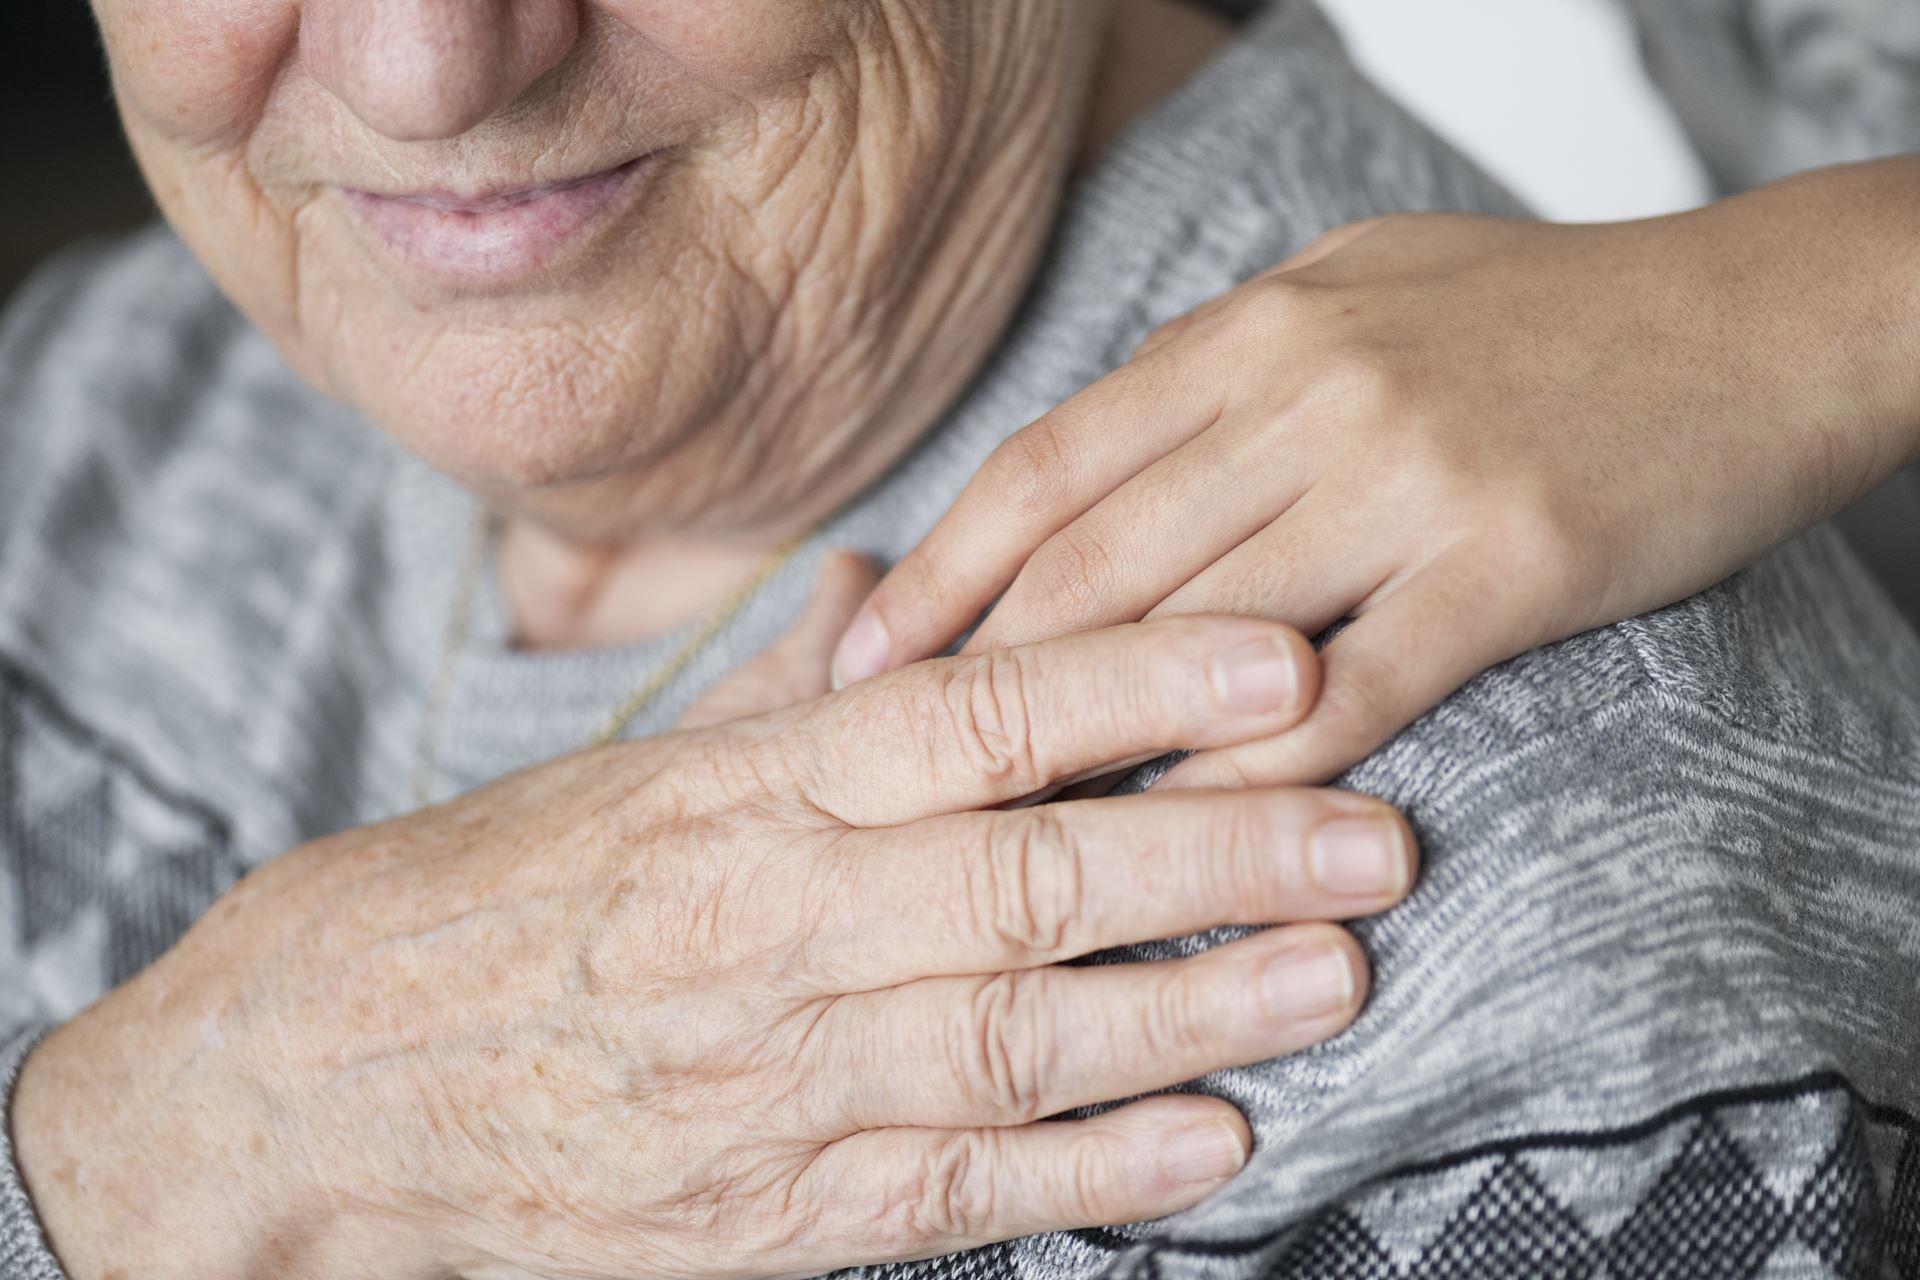 שיקום זיכרון לאחר אירוע מוחי - Restart Therapy מומחים בשיקום פרטי בבית הלקוח